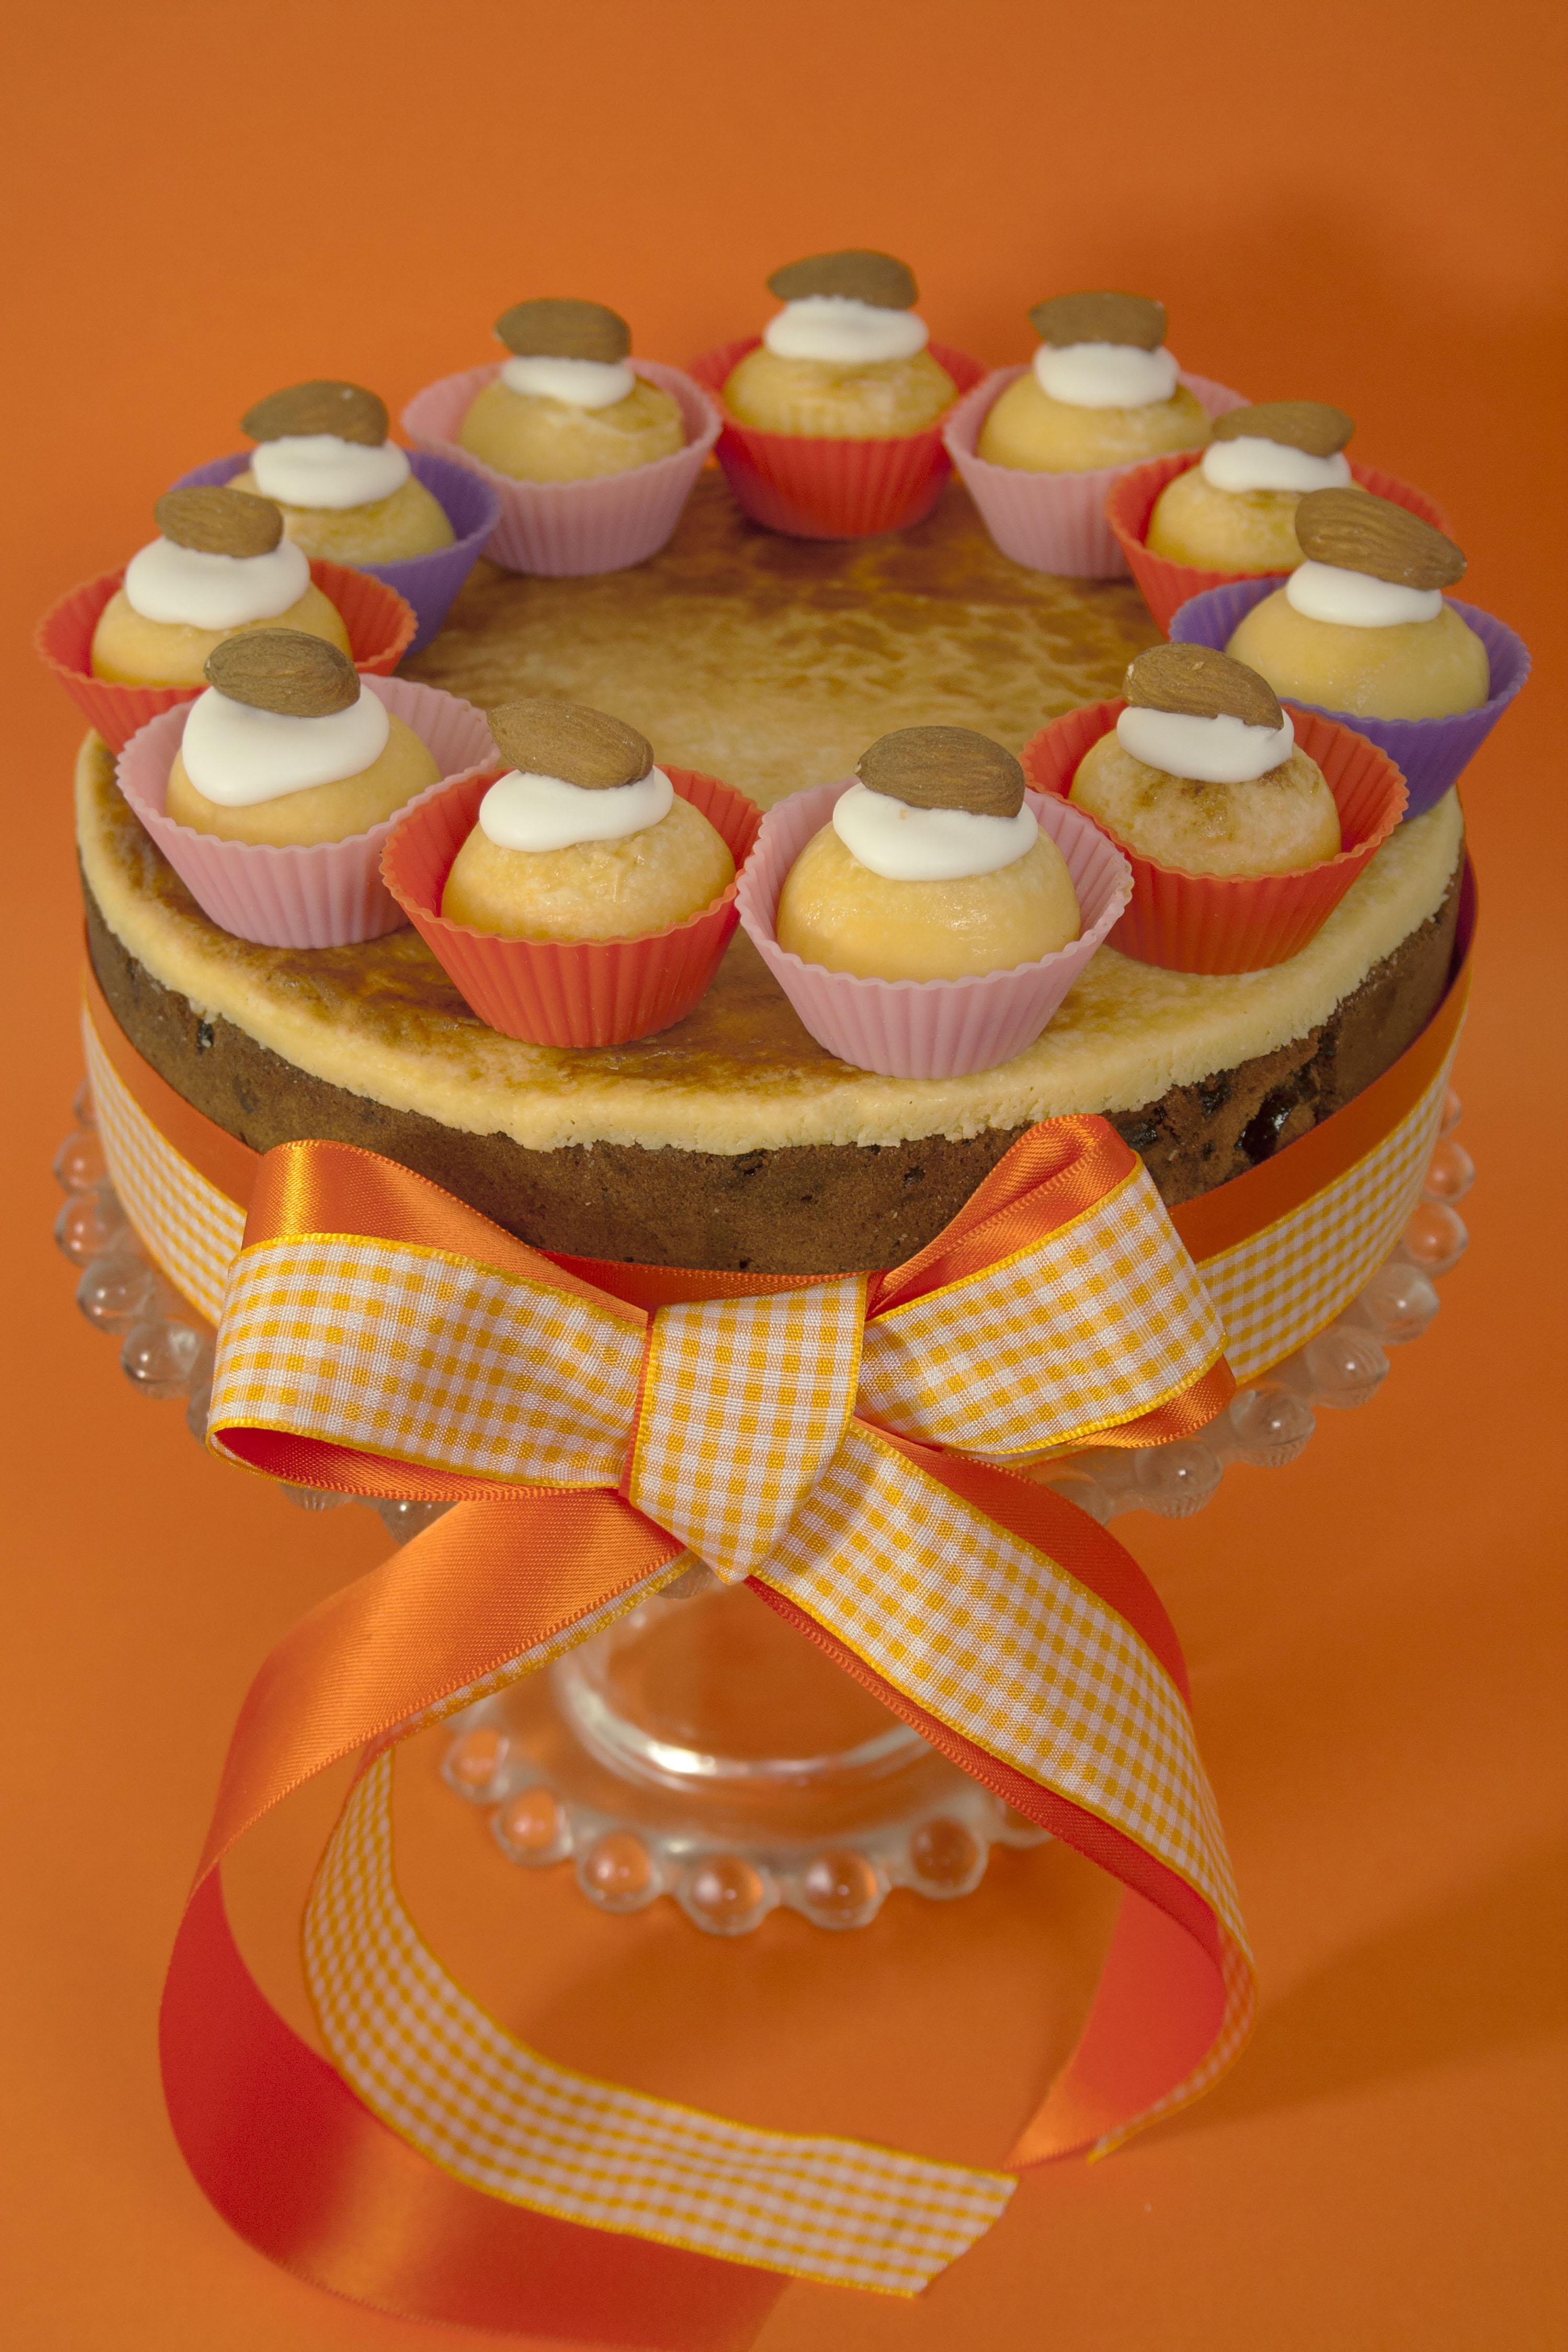 https://caroldeaconcakes.com/recipes/easter-simnel-cake/